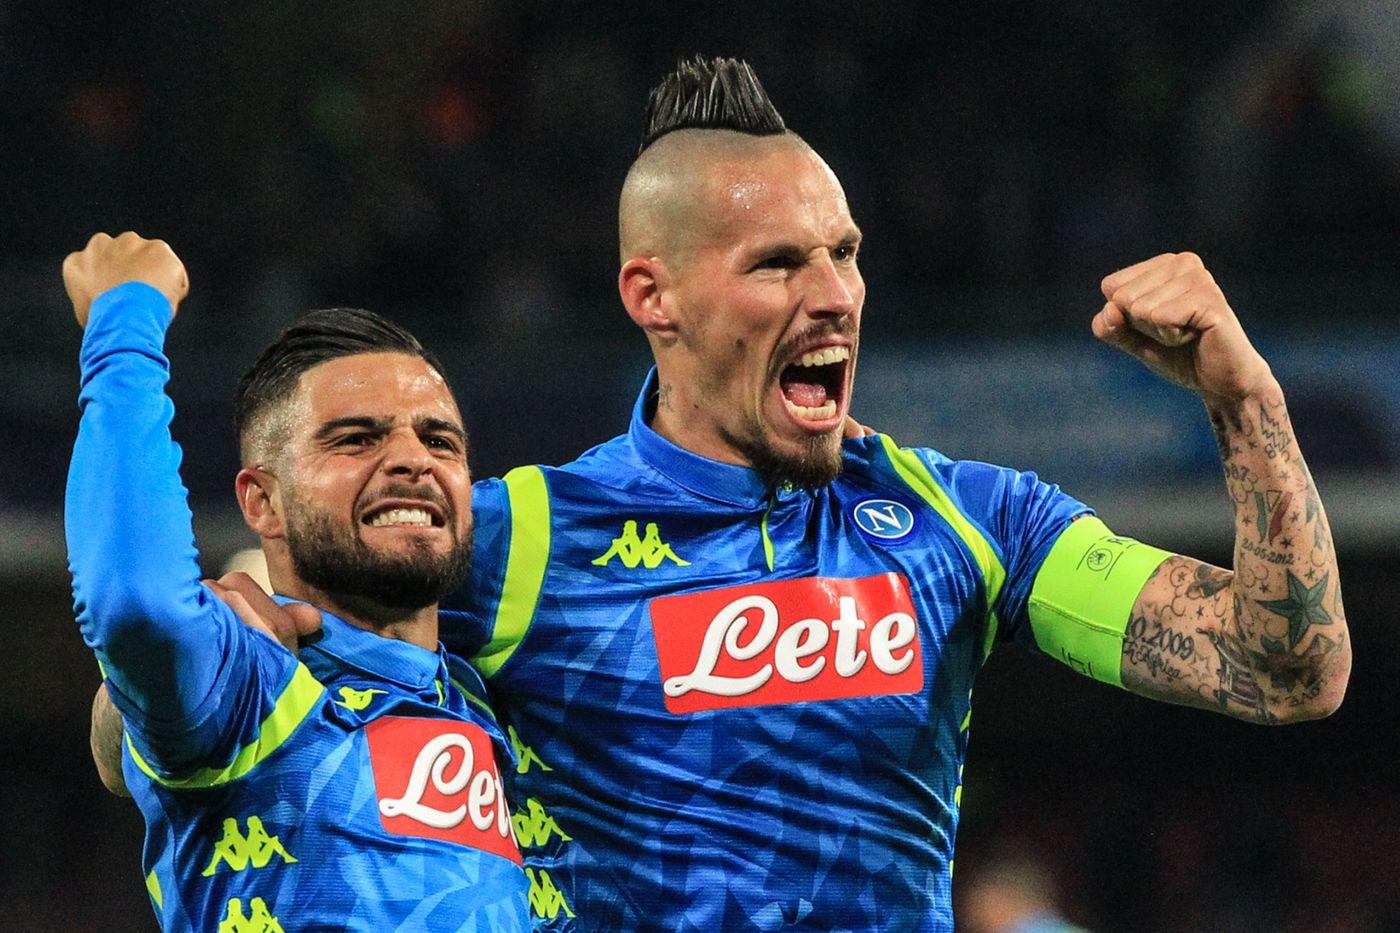 Serie A, Napoli-Spal sabato 22 dicembre: analisi e pronostico della 17ma giornata del campionato italiano